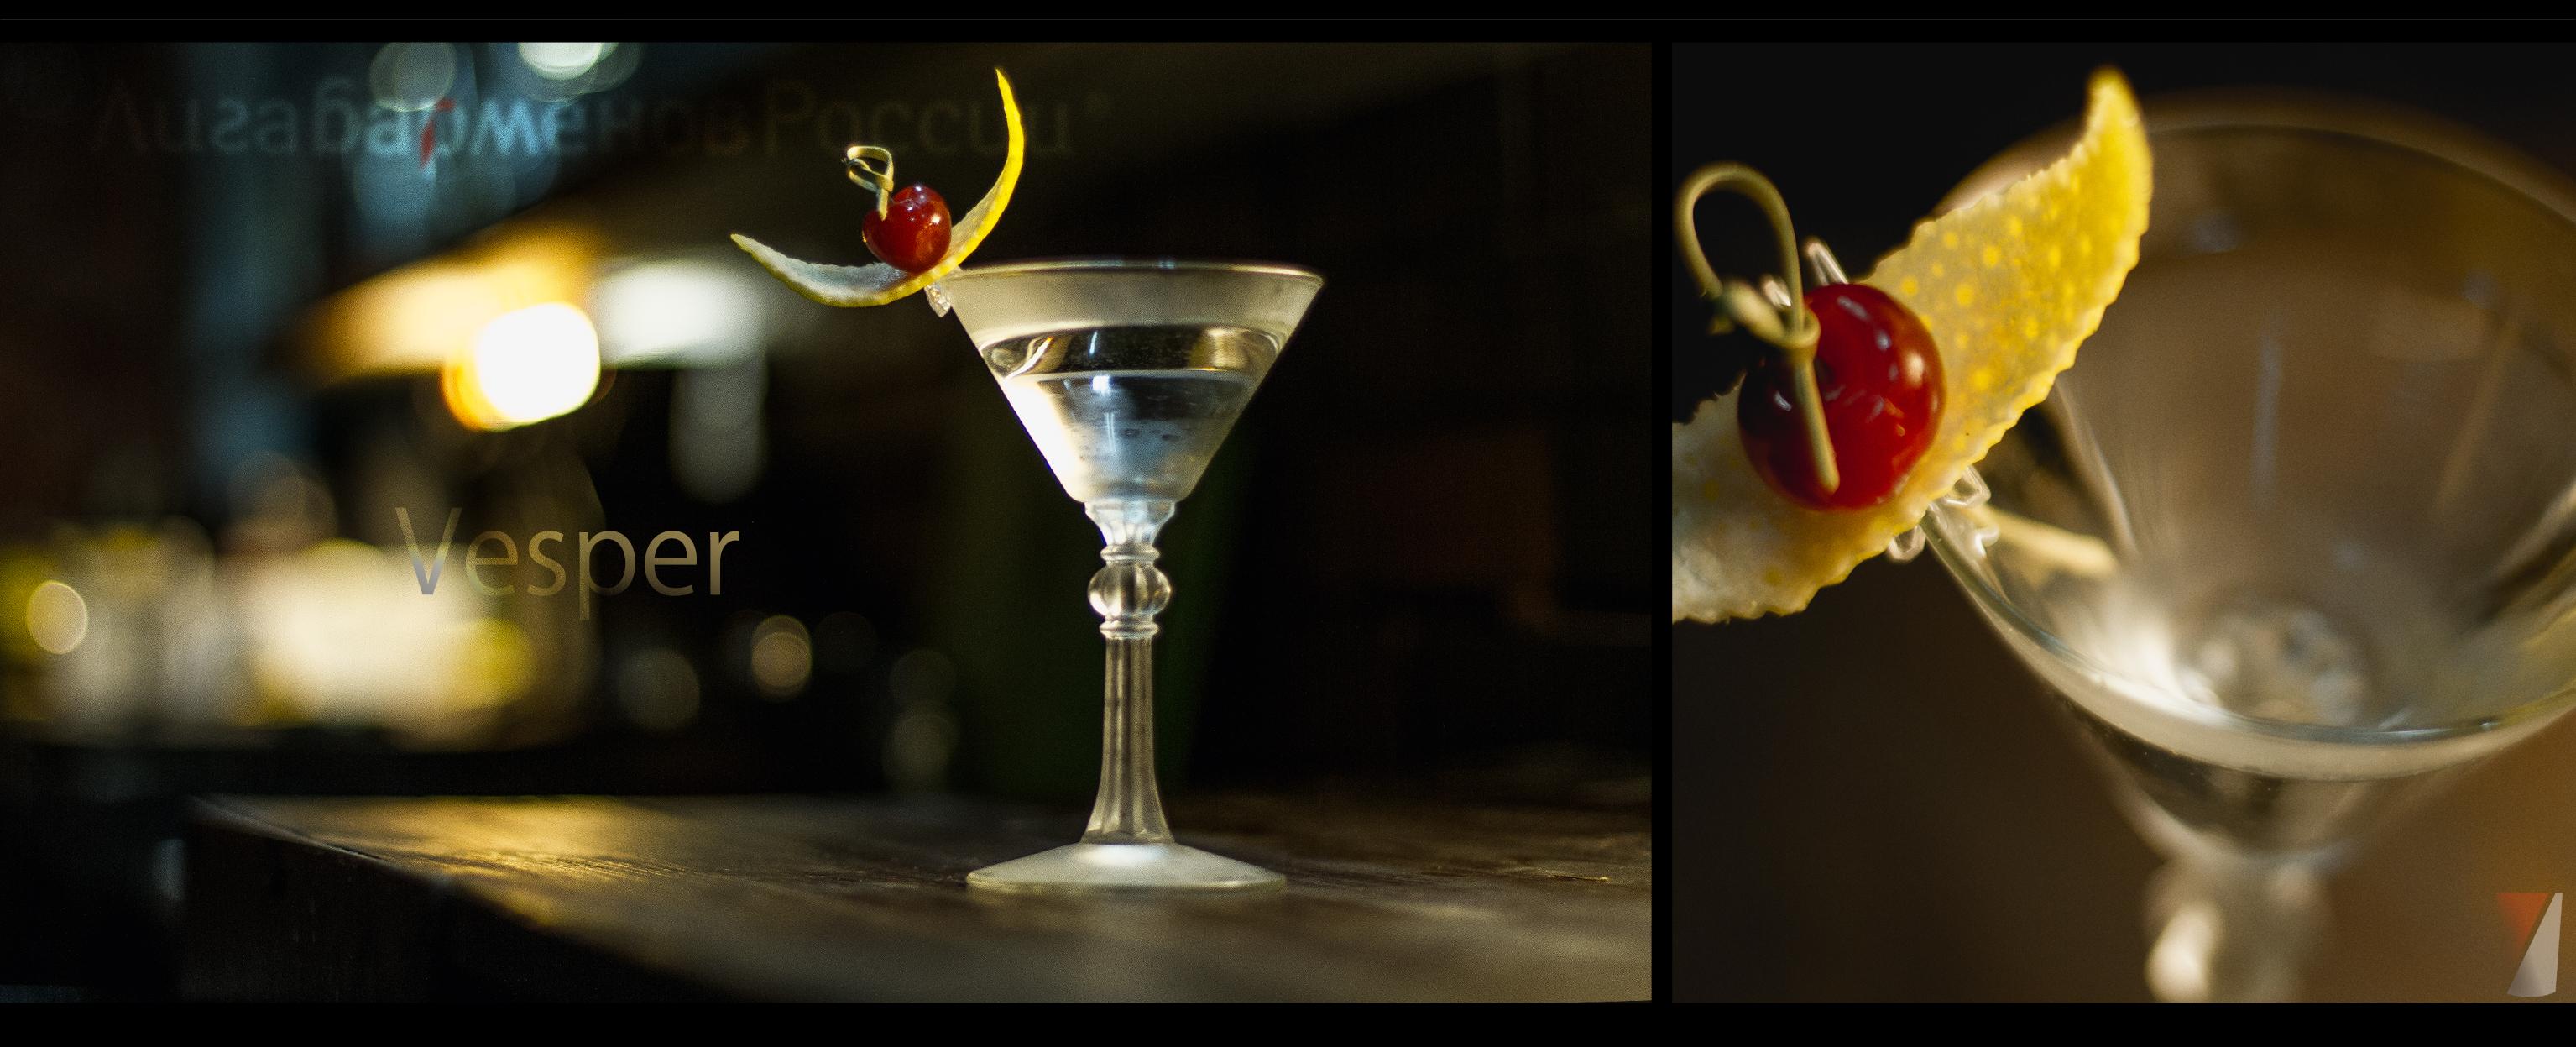 Рецепт коктейля vesper